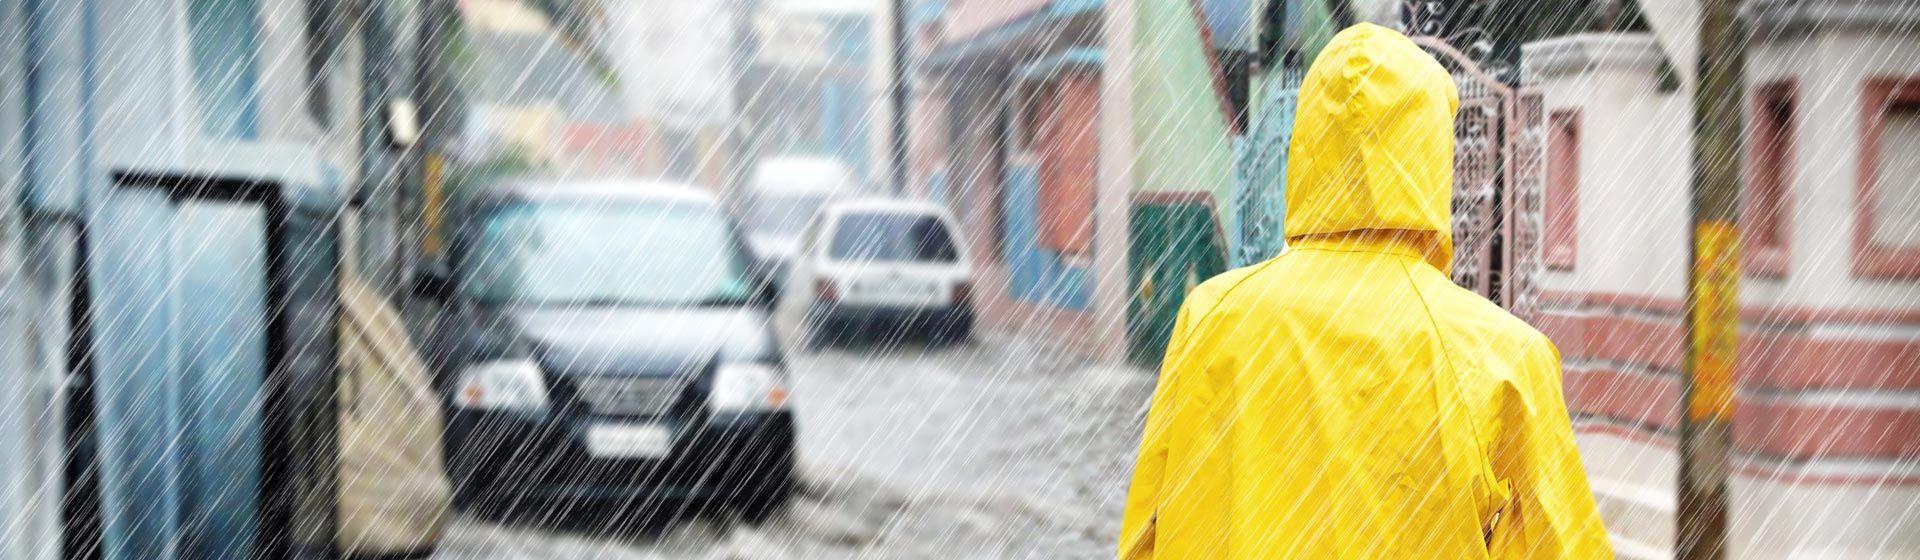 Wer trägt die Kosten bei Wetterschäden?